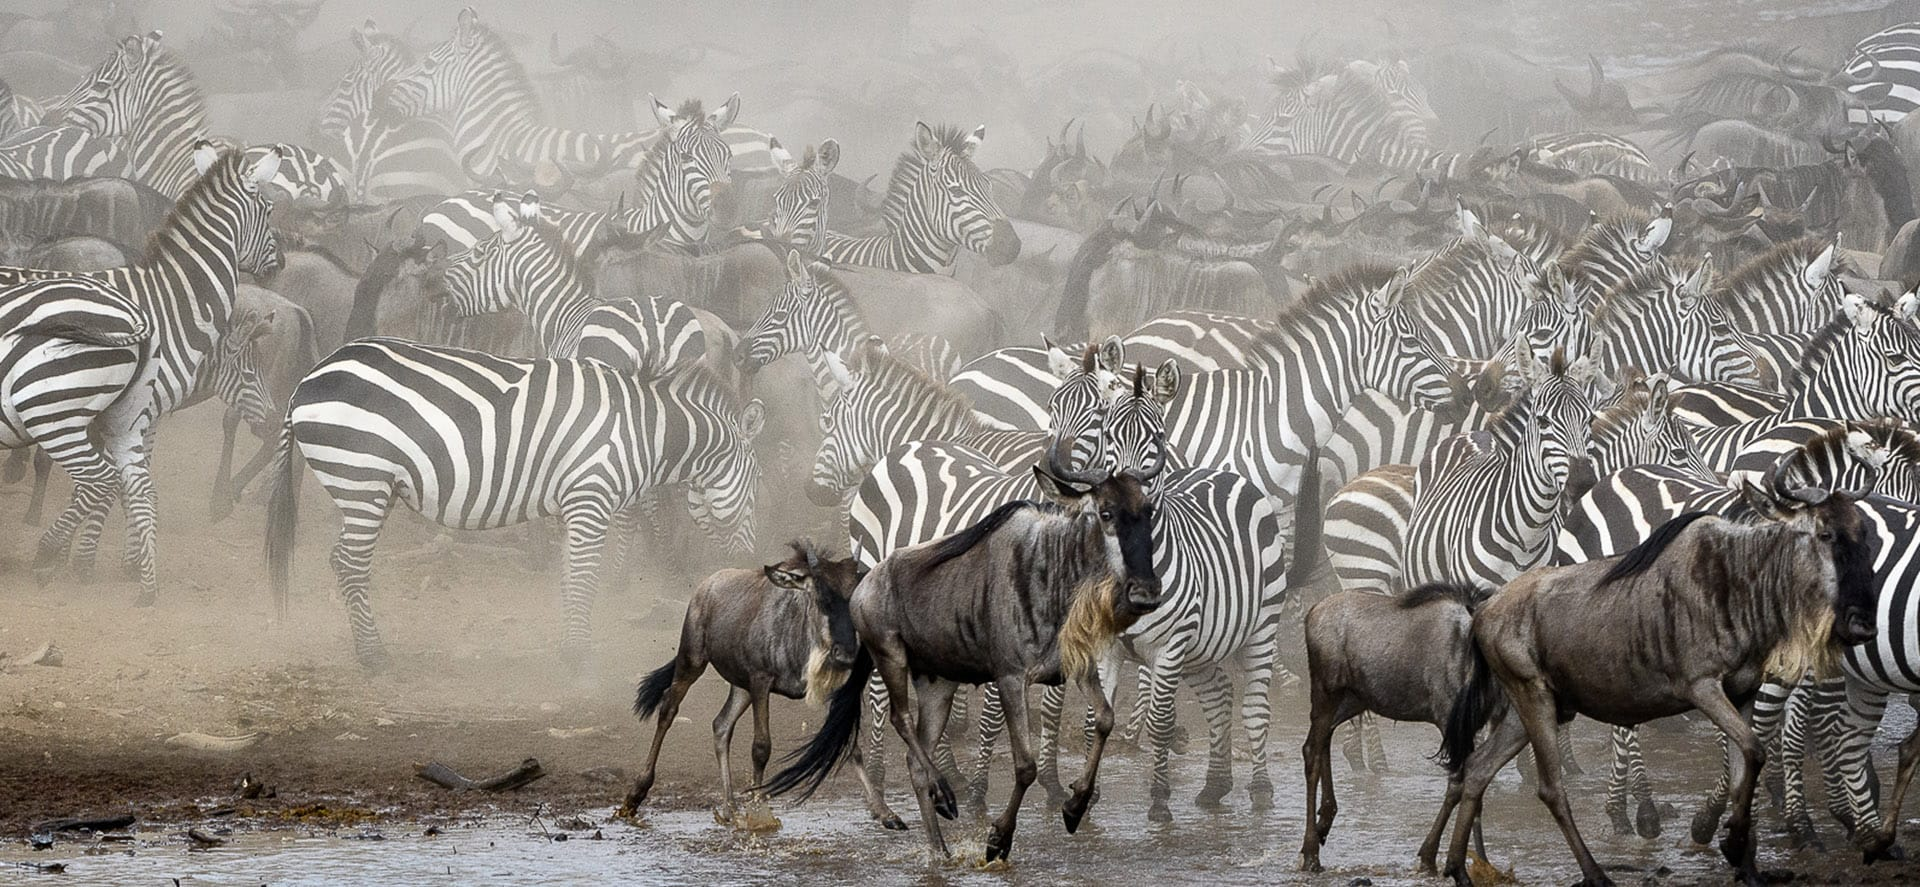 Wildebeest Mara Migration 2020